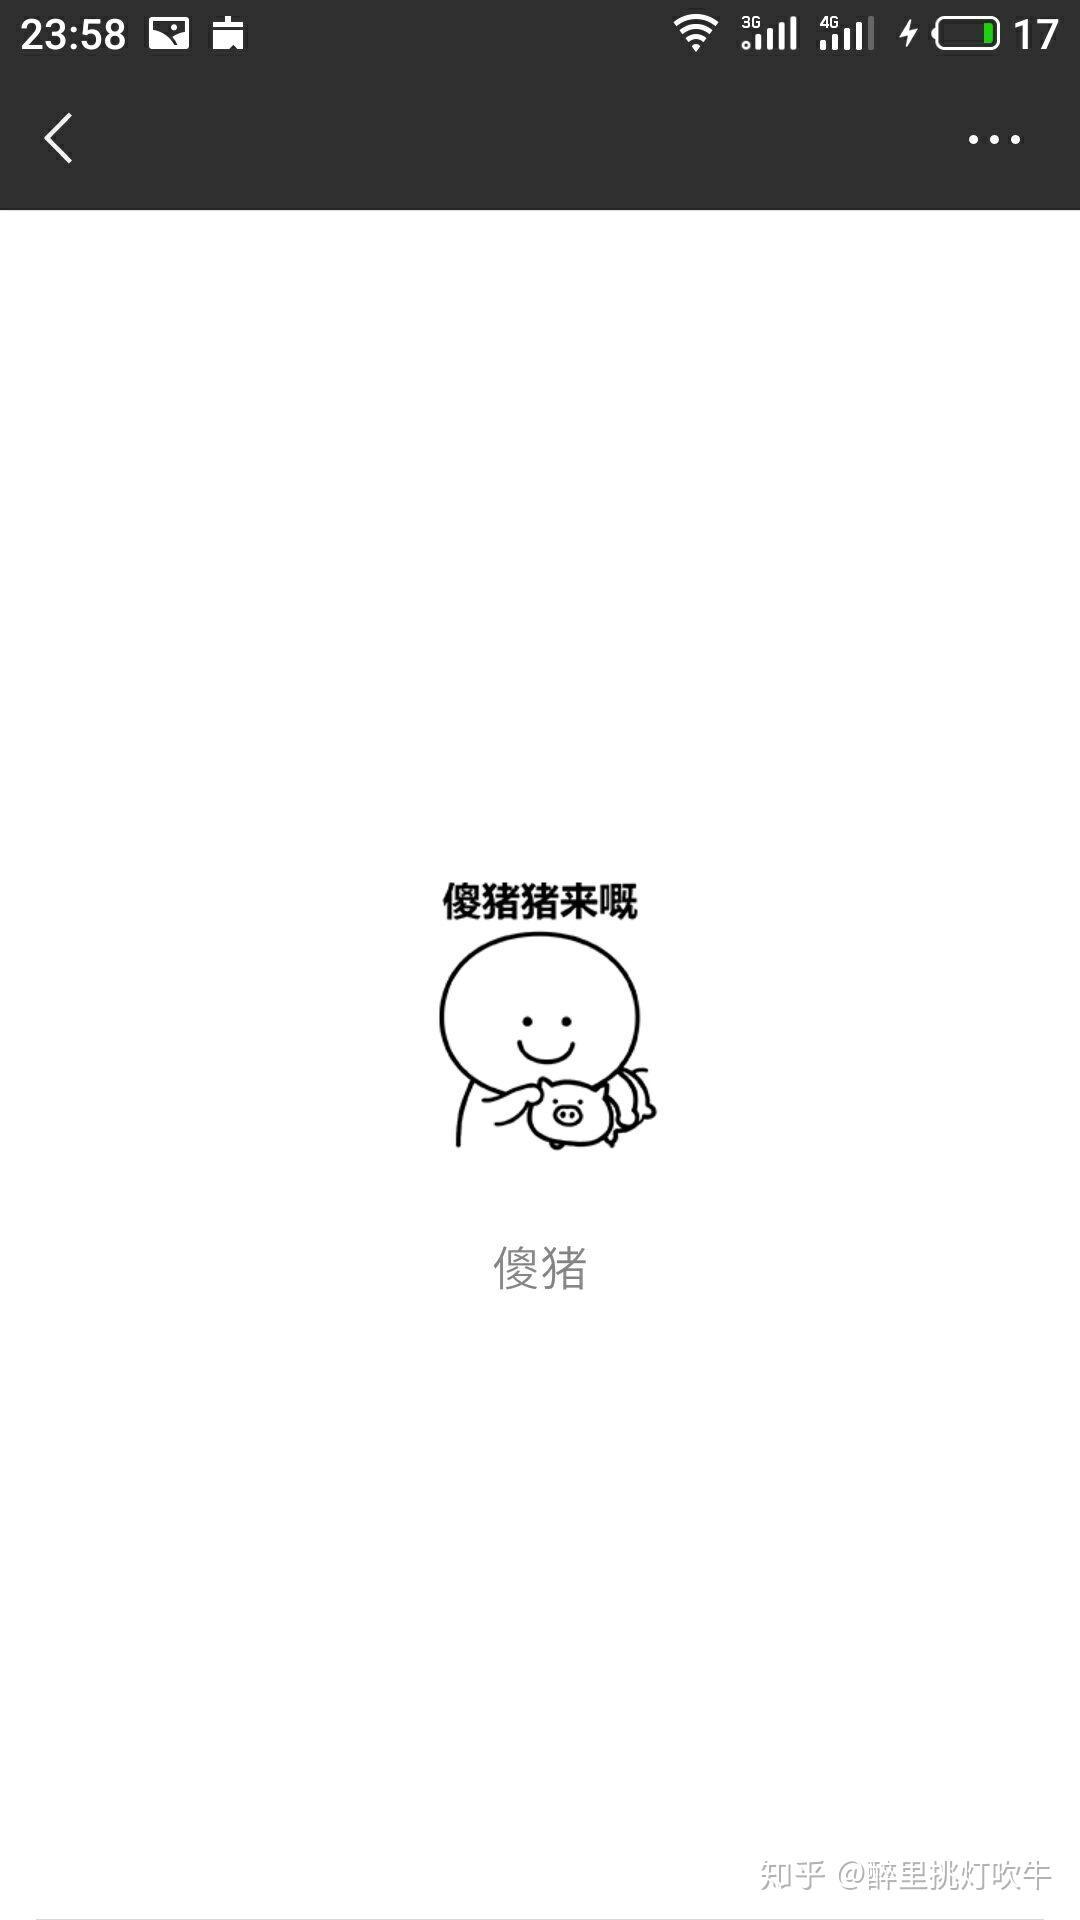 微信已下架的表情包 笑面广东话 和现在有的 奇怪的猪图片